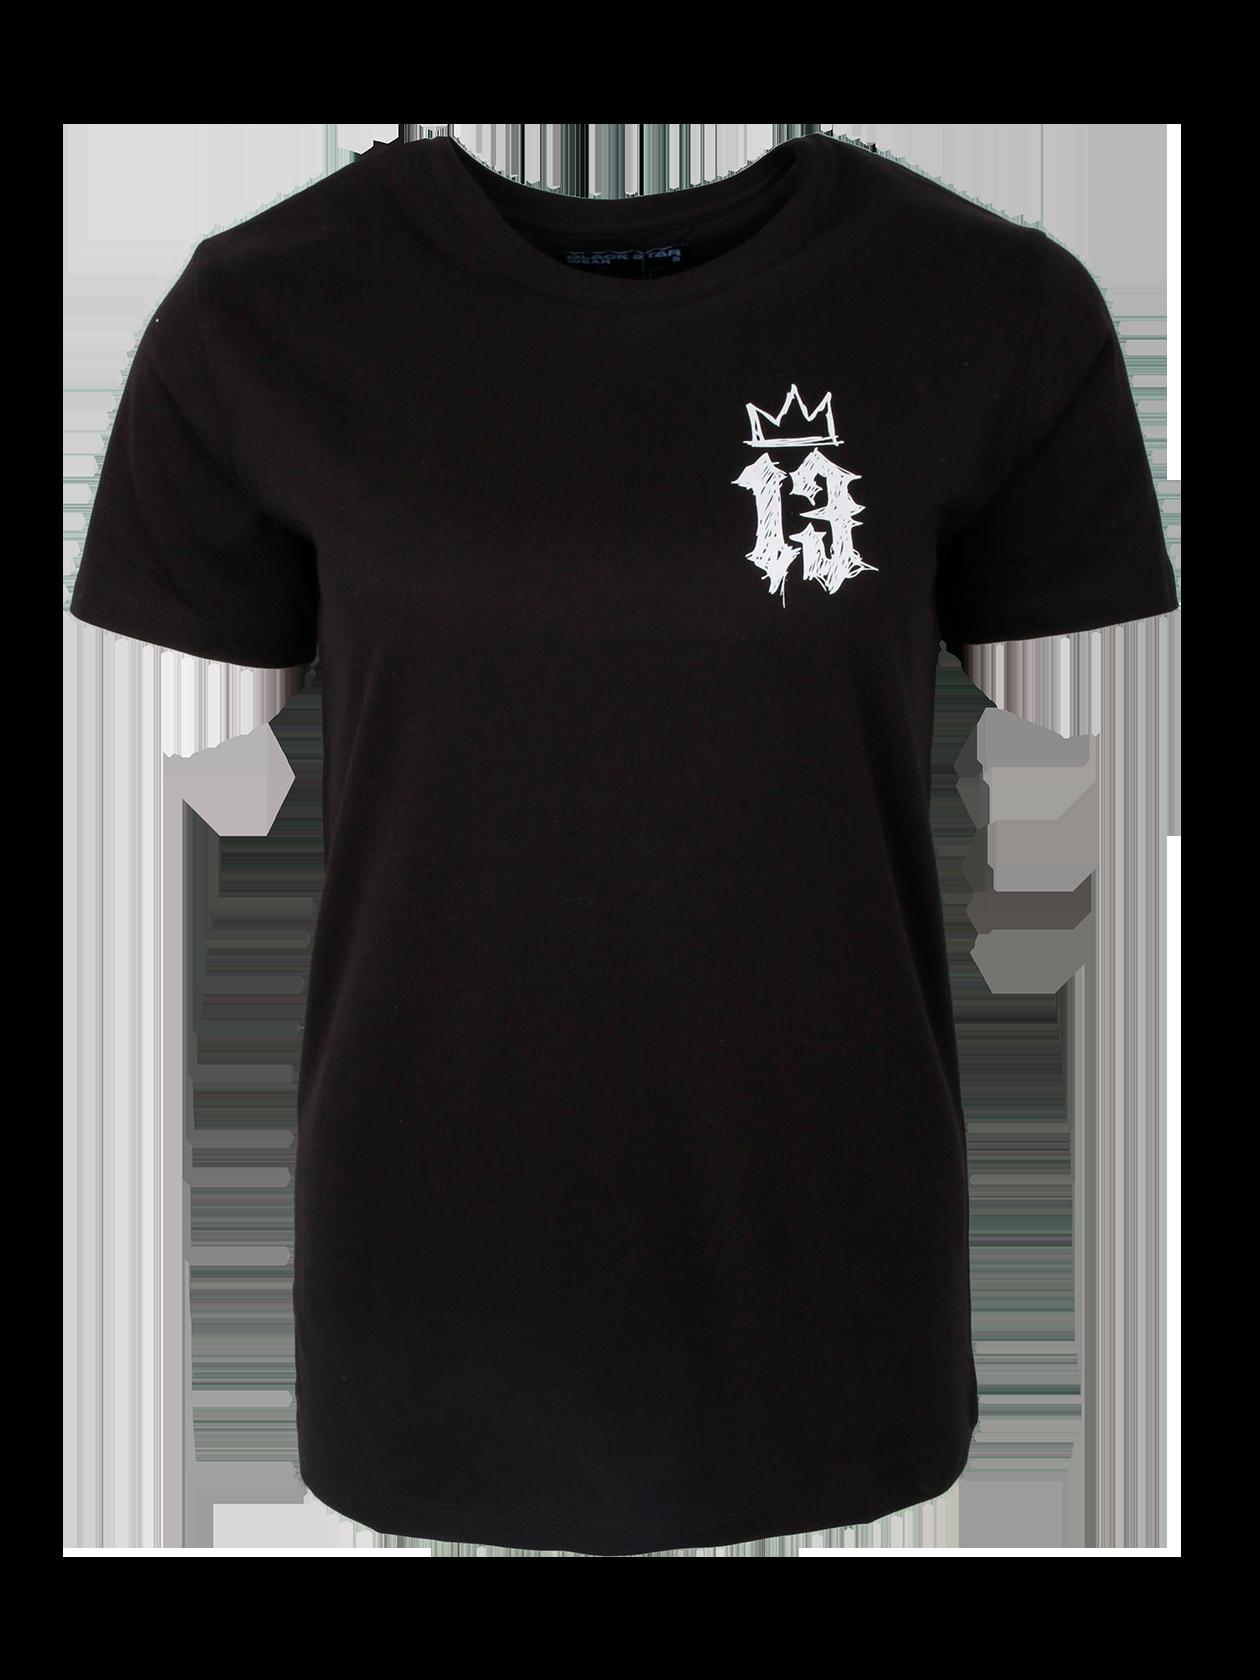 Футболка женская CROWN 13Стильная футболка женская Crown 13 из коллекции Black Star идеально впишется в любой гардероб. Изделие традиционного дизайна изготовлено из первоклассного 100% хлопка. Фасон прямой, силуэт полуприлегающий. Небольшой рукав и круглая горловина с жаккардовым логотипом Black Star Wear с внутренней стороны. Примечательная деталь – контрастный принт на груди с цифрой 13 и короной в оригинальном изображении. Футболка доступна в двух расцветках – белой и черной.<br><br>Размер: M<br>Цвет: Черный<br>Пол: Женский